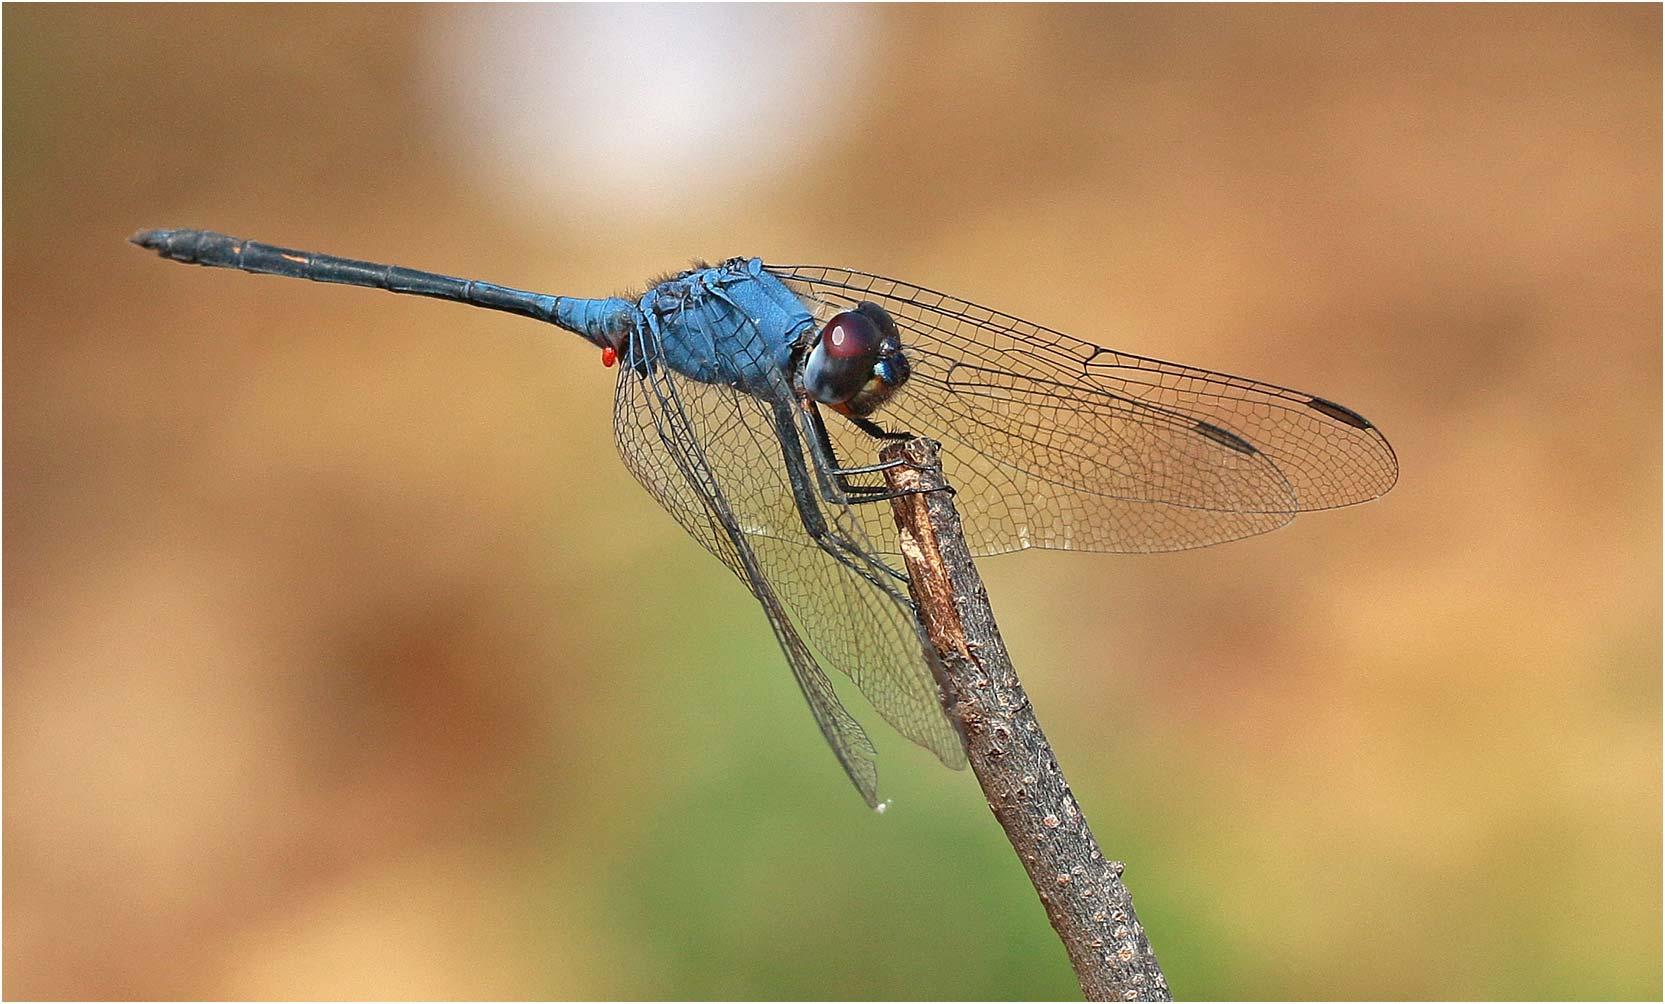 Trithemis dejouxi mâle, Ethiopie, Olo Toula, 26/10/2018